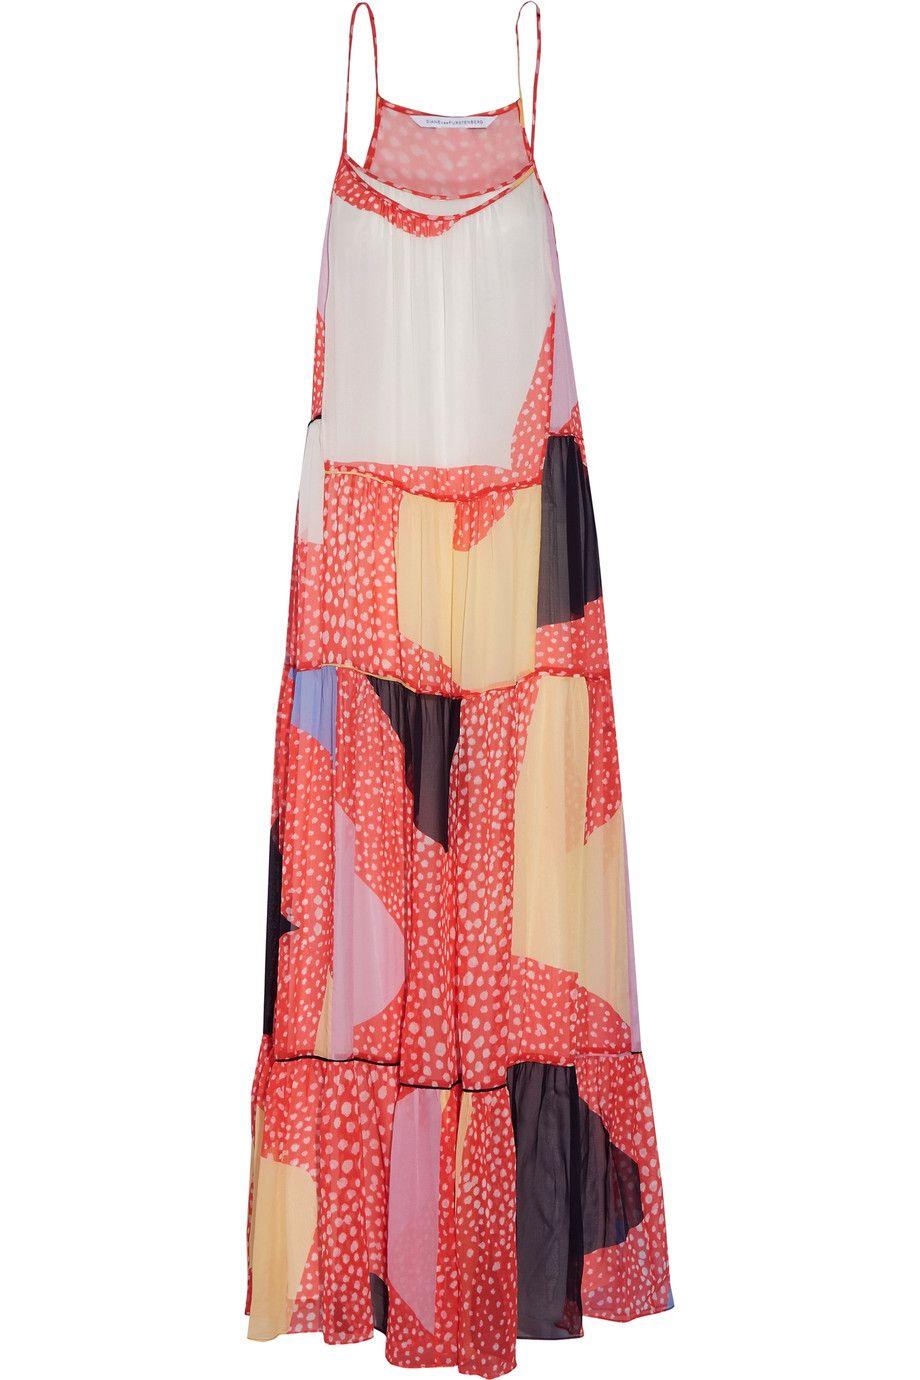 3273f69e30958 DIANE VON FURSTENBERG Baylee Pleated Printed Silk-Chiffon Maxi Dress. # dianevonfurstenberg #cloth #dress